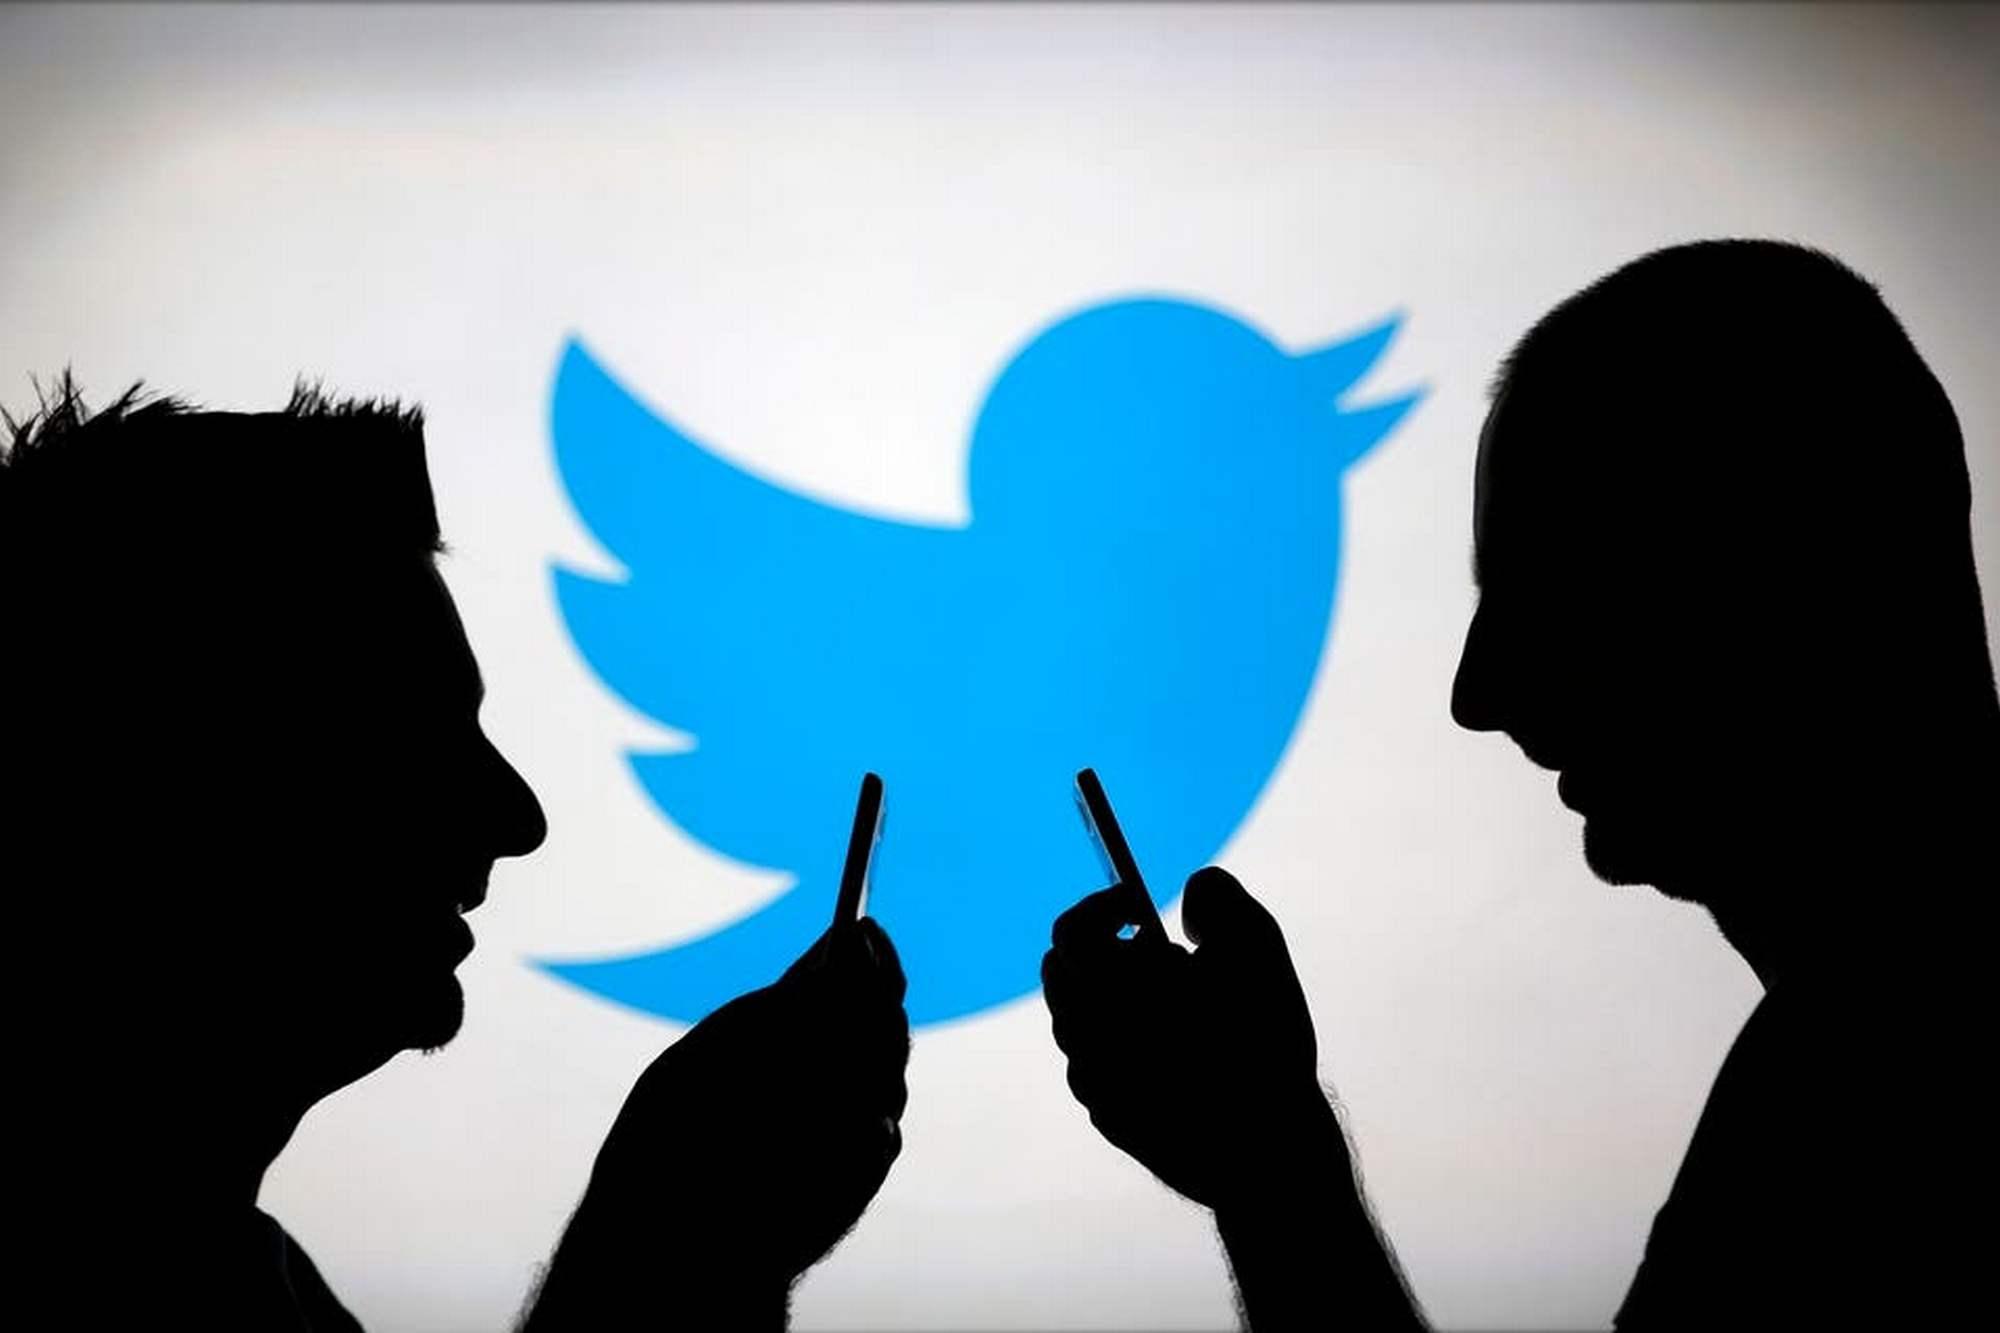 Polémica por el algoritmo racista de Twitter: destaca rostros blancos antes que negros en una foto